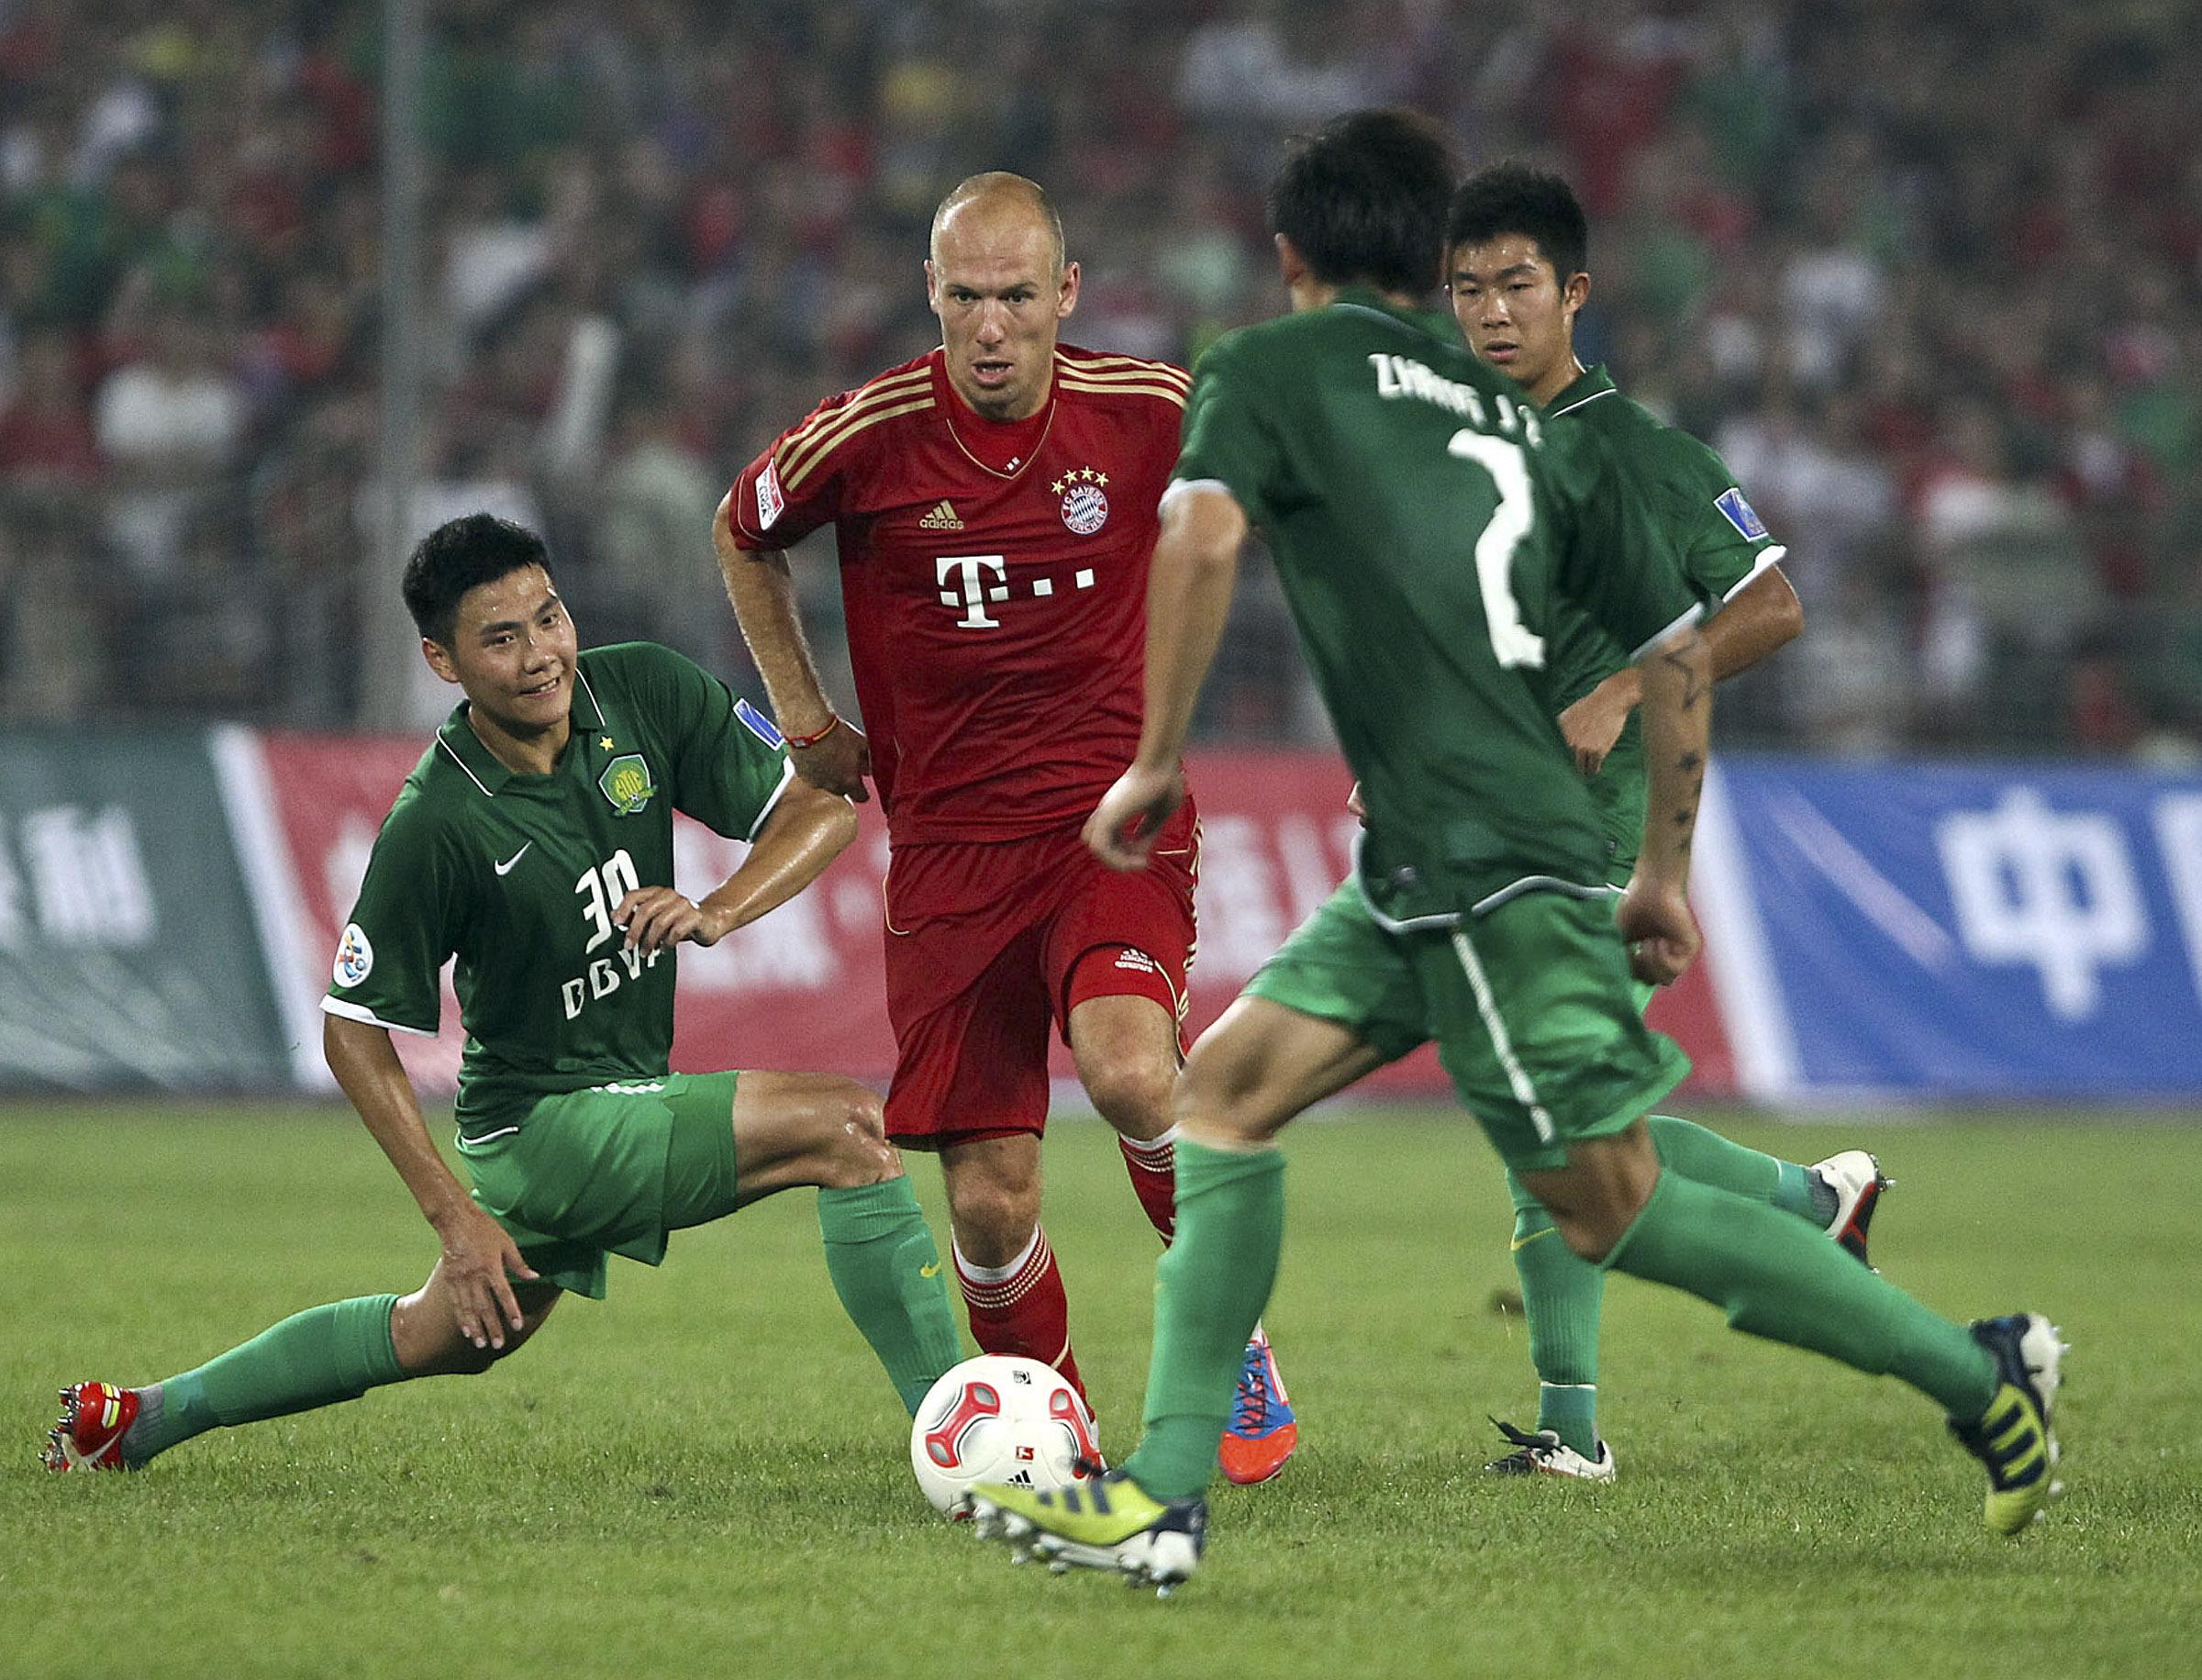 Bayern Munich Arrives in Beijing, Plays at Bird's Nest Saturday Night